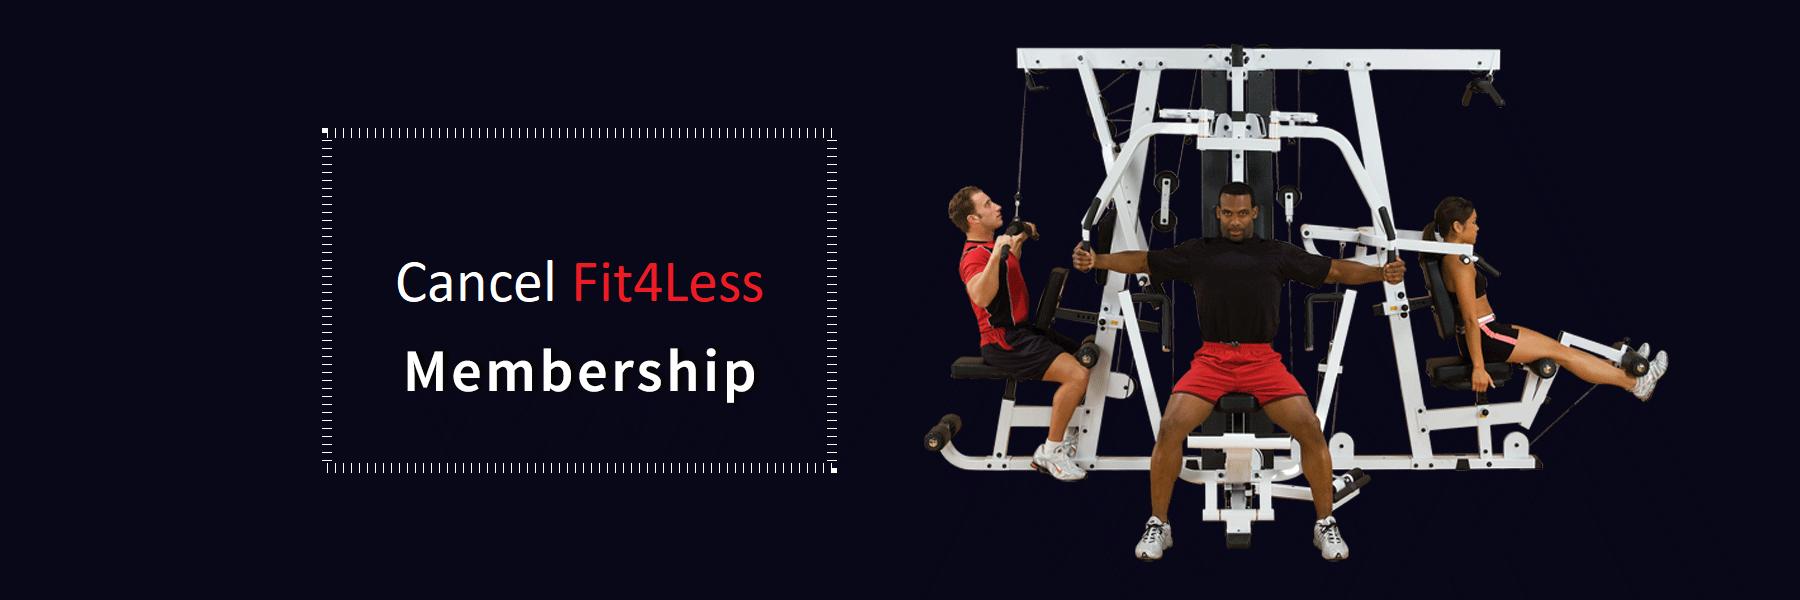 Cancel-Fit4Less-Membership